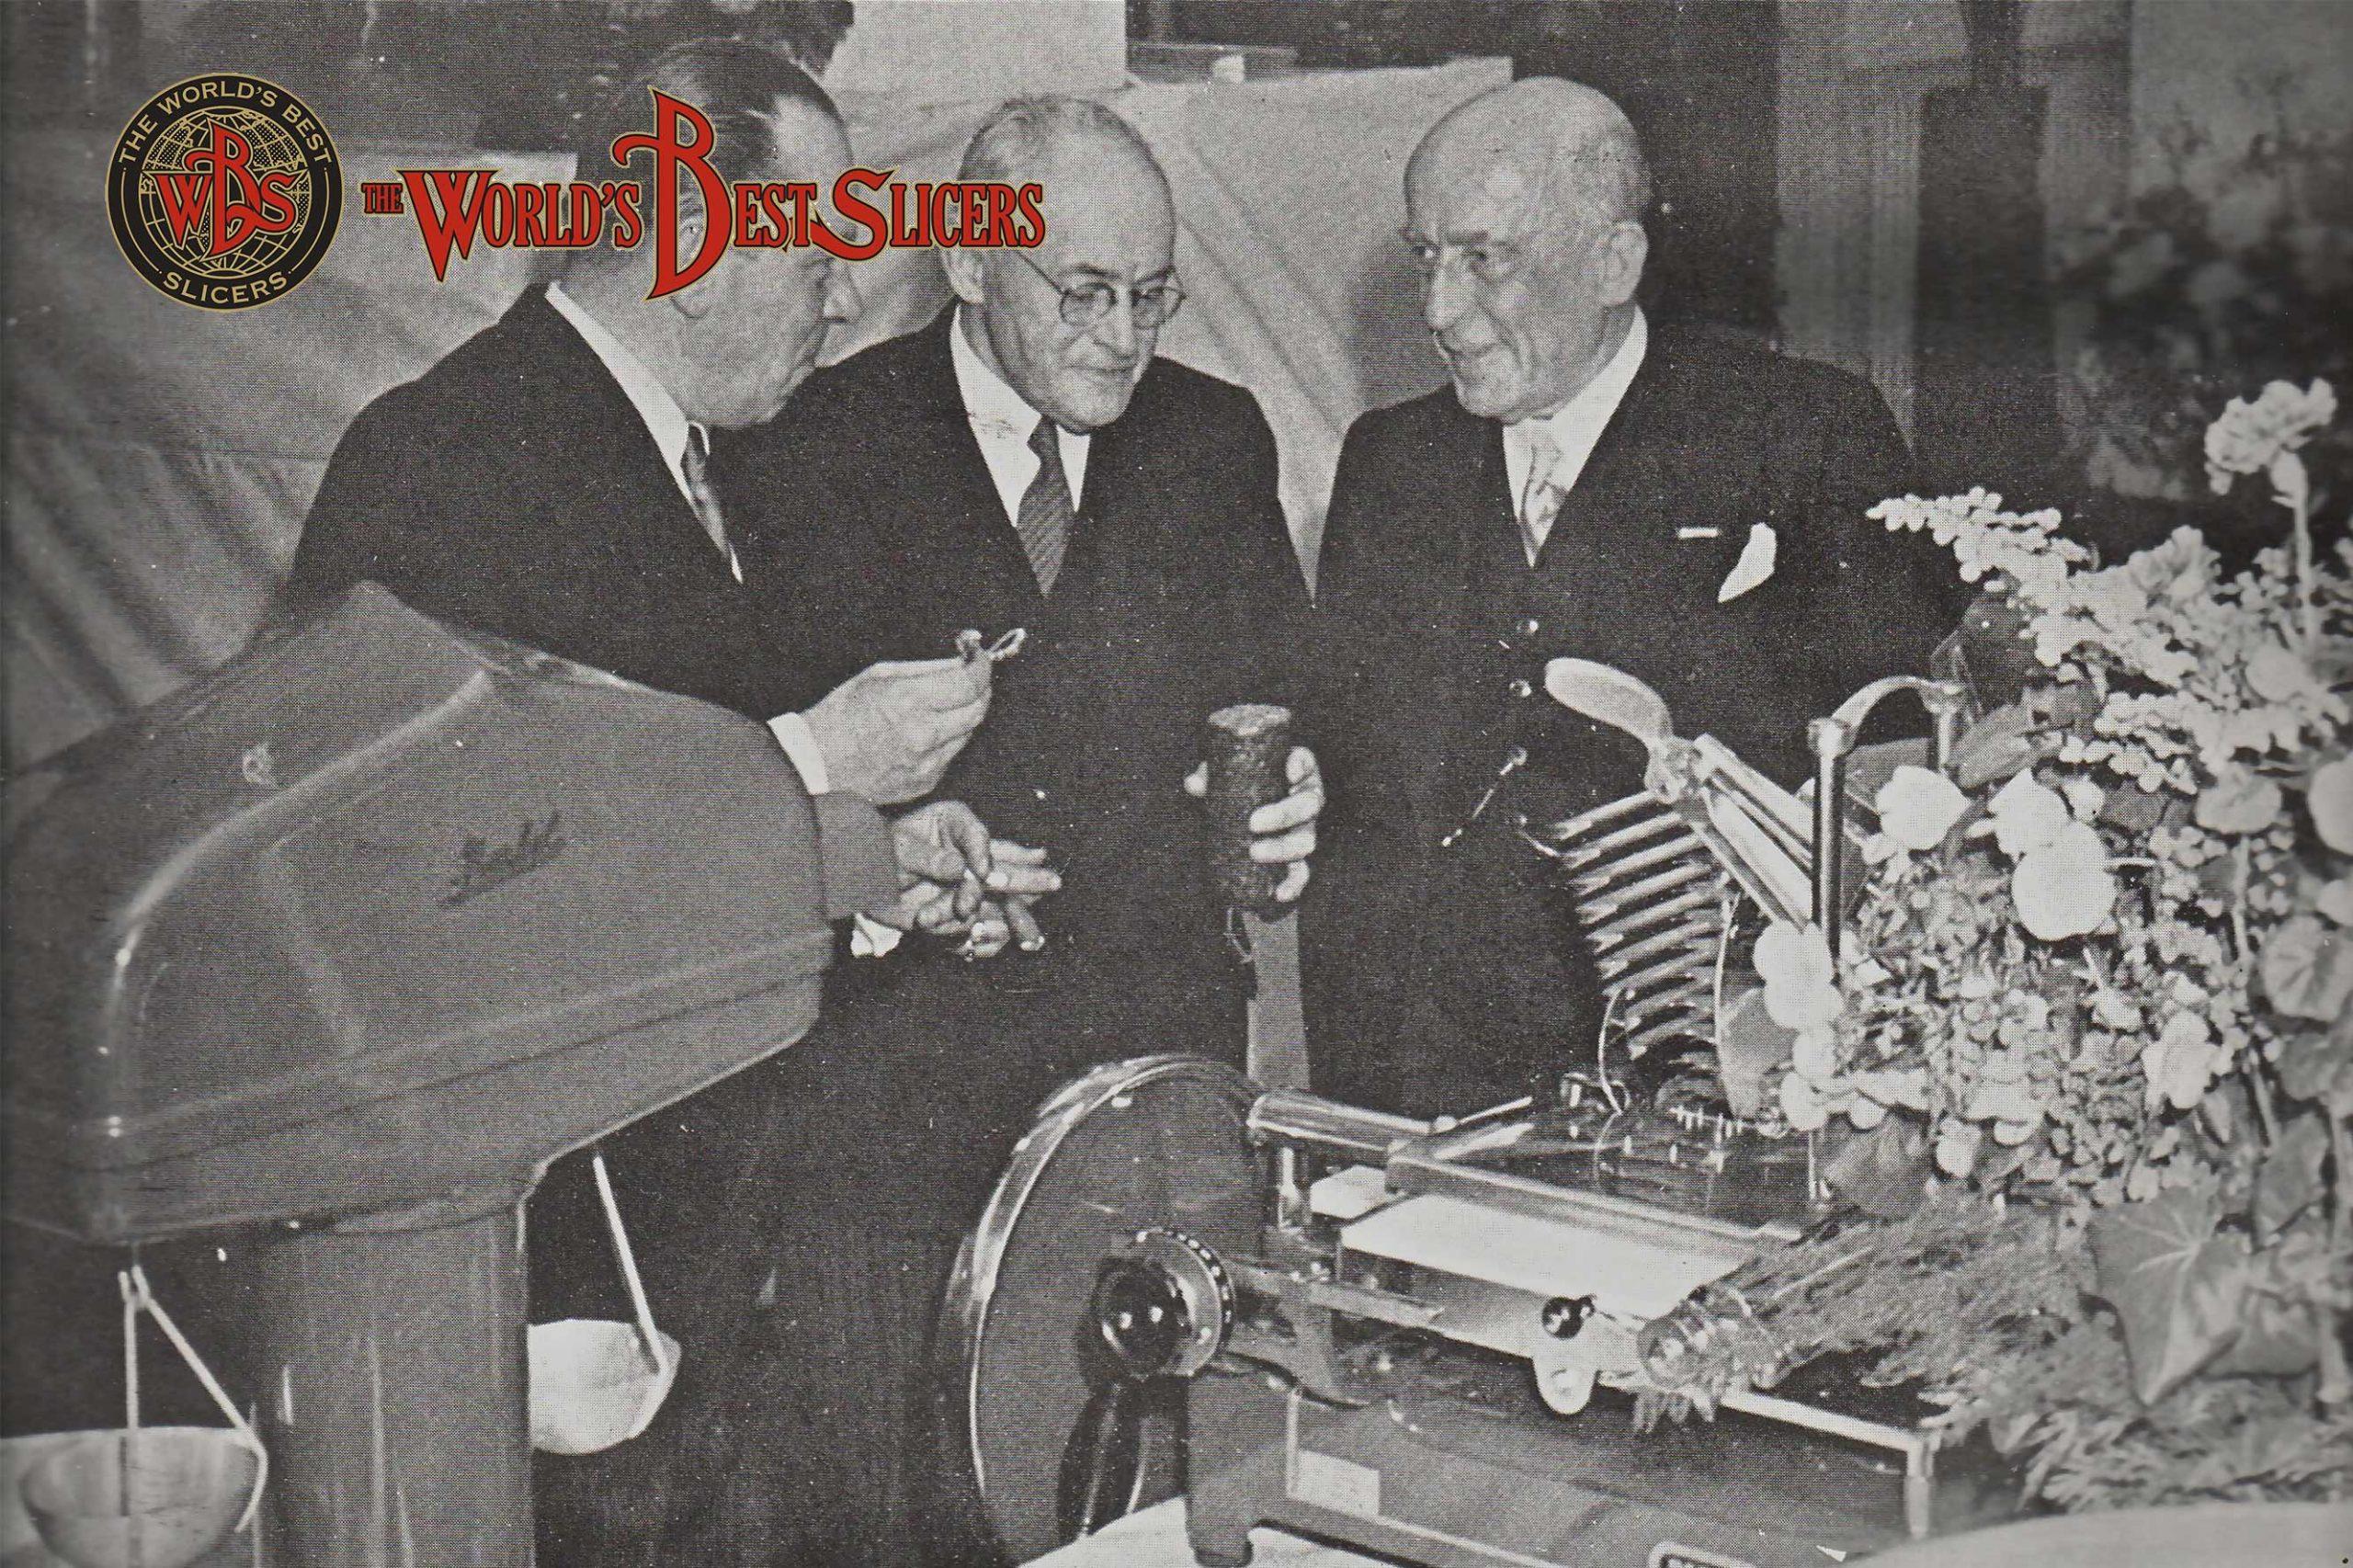 , La Storia di W.A.Van Berkel, Affettetrici Berkel | Restauro e Vendita